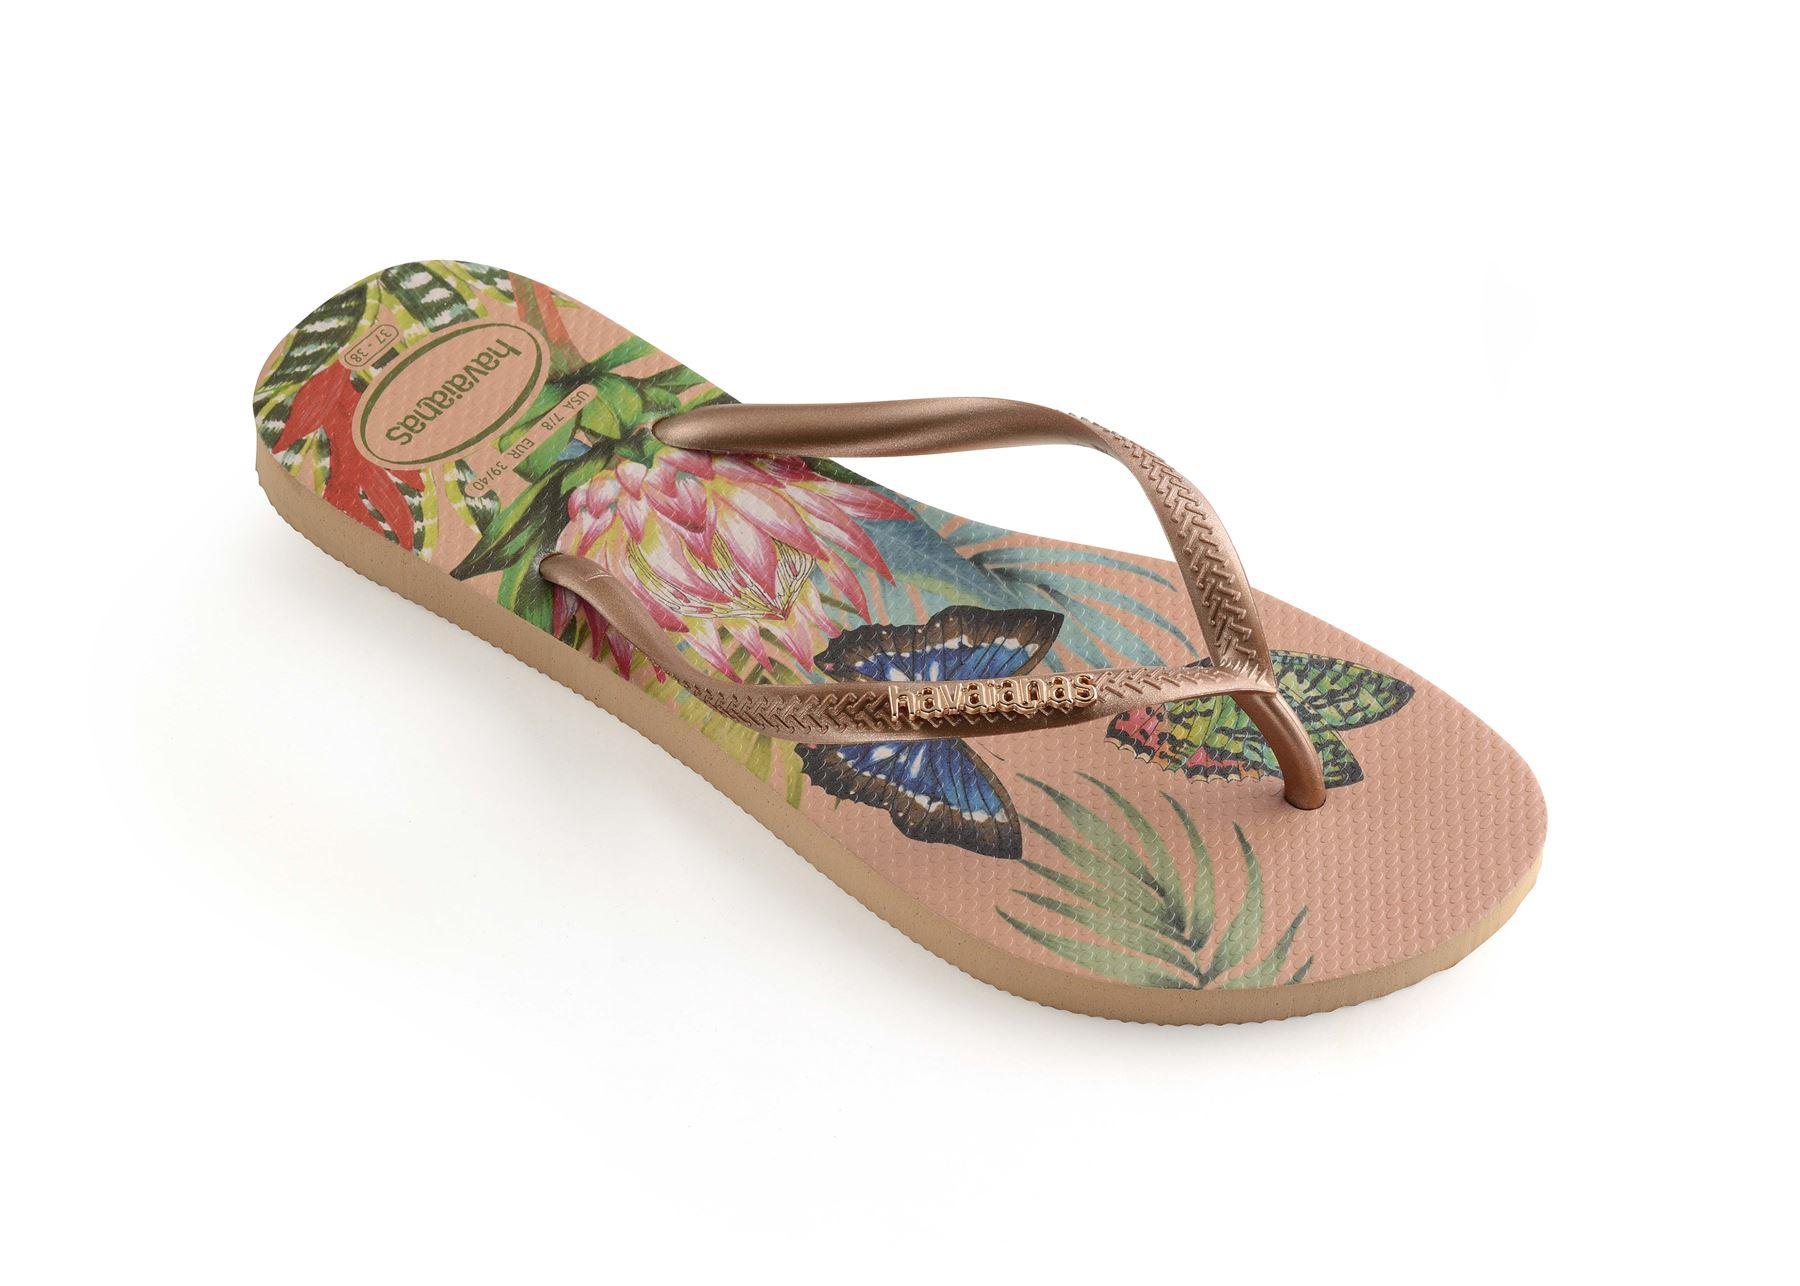 Havaianas-Slim-Tropical-amp-Imprime-Floral-Tongs-Ete-Plage-Piscine-Sandales miniature 12